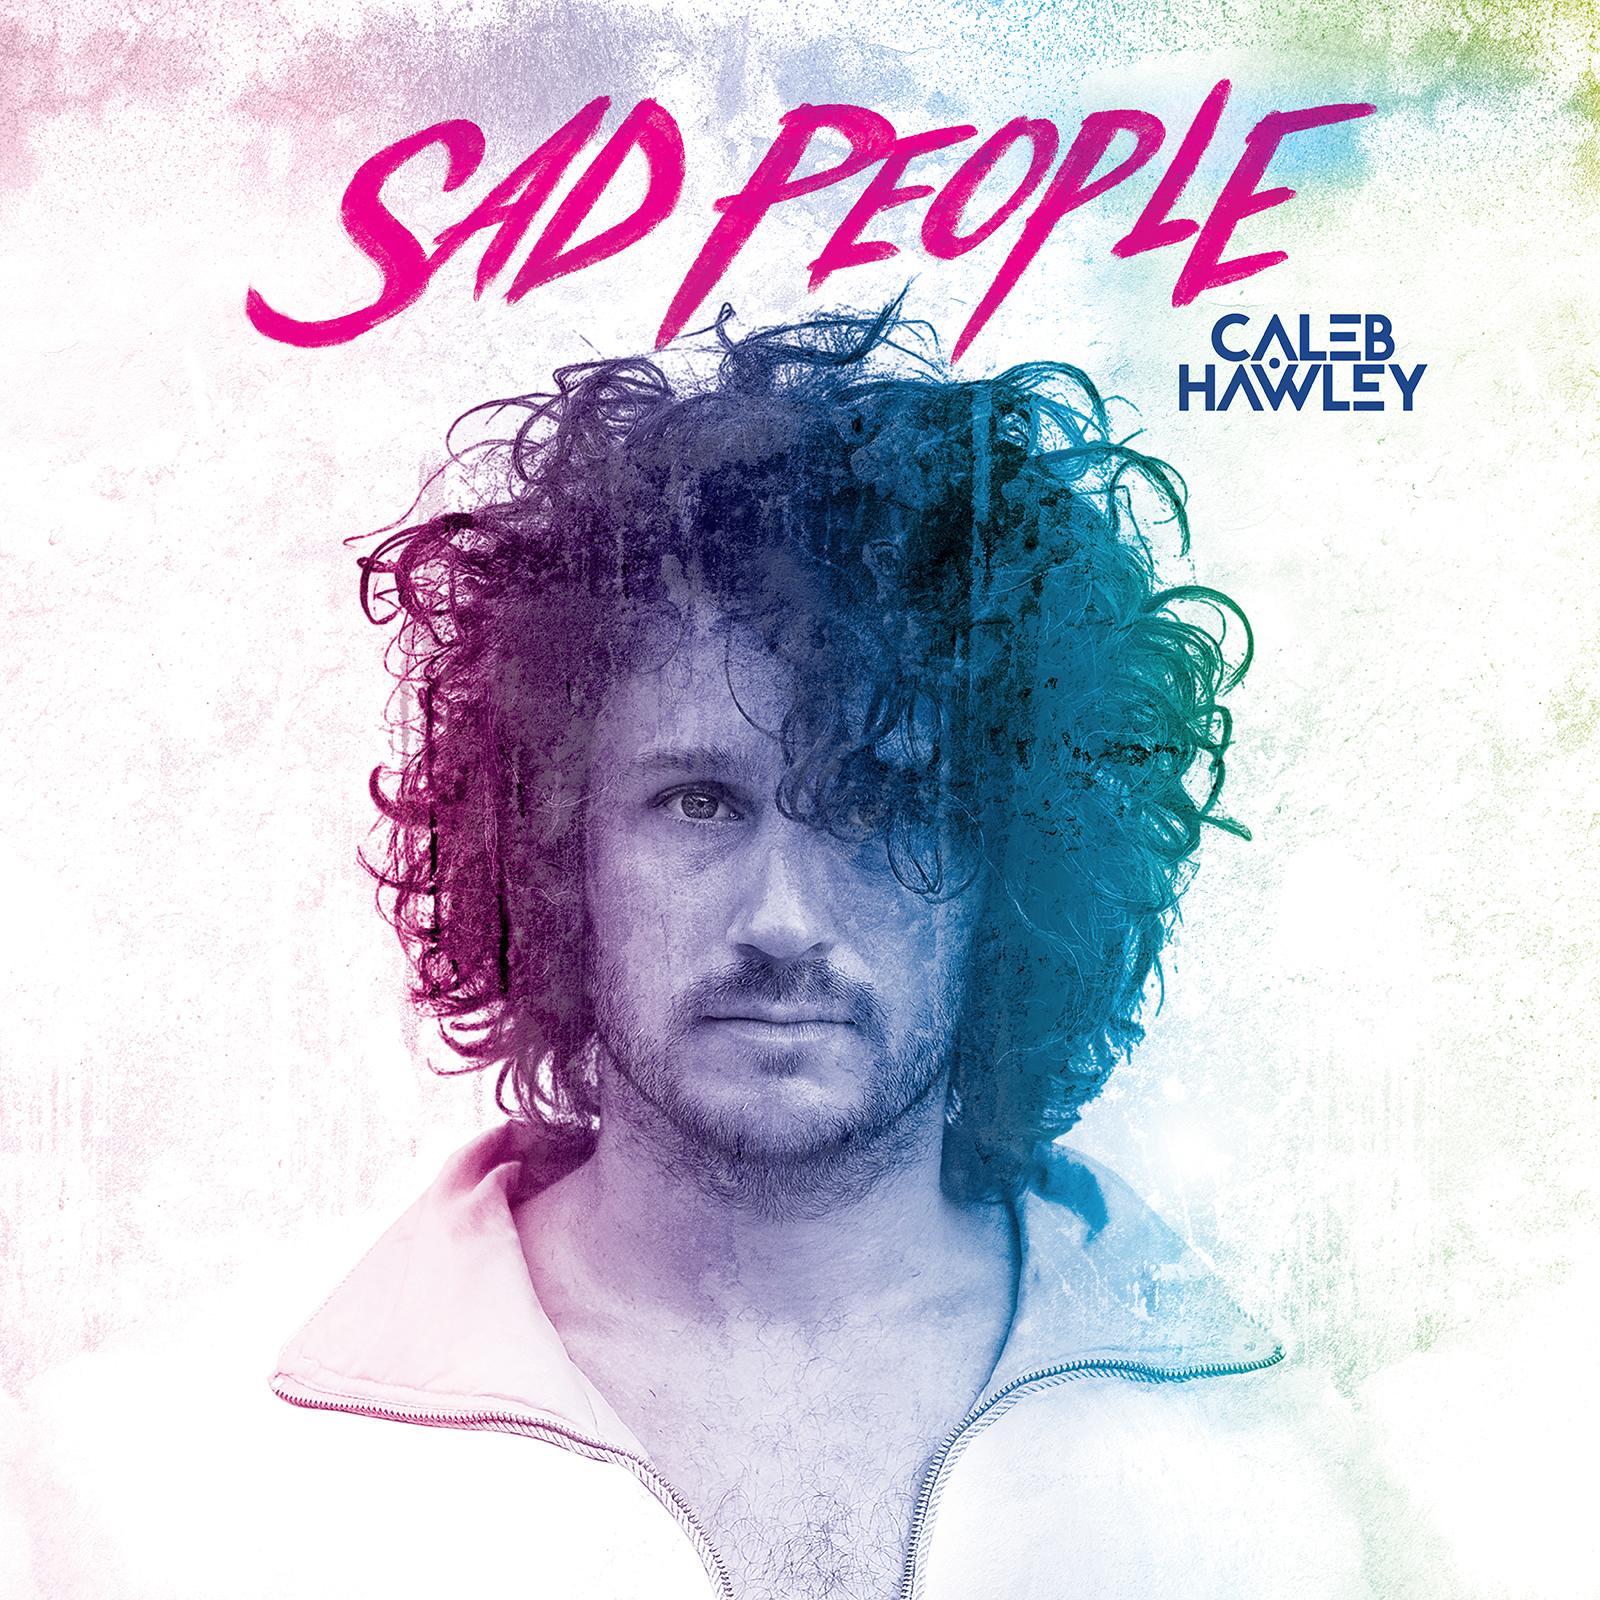 Caleb Hawley_Full Album_Cover_V2_RBG_1600x1600_300dpi_Adjusted.jpg